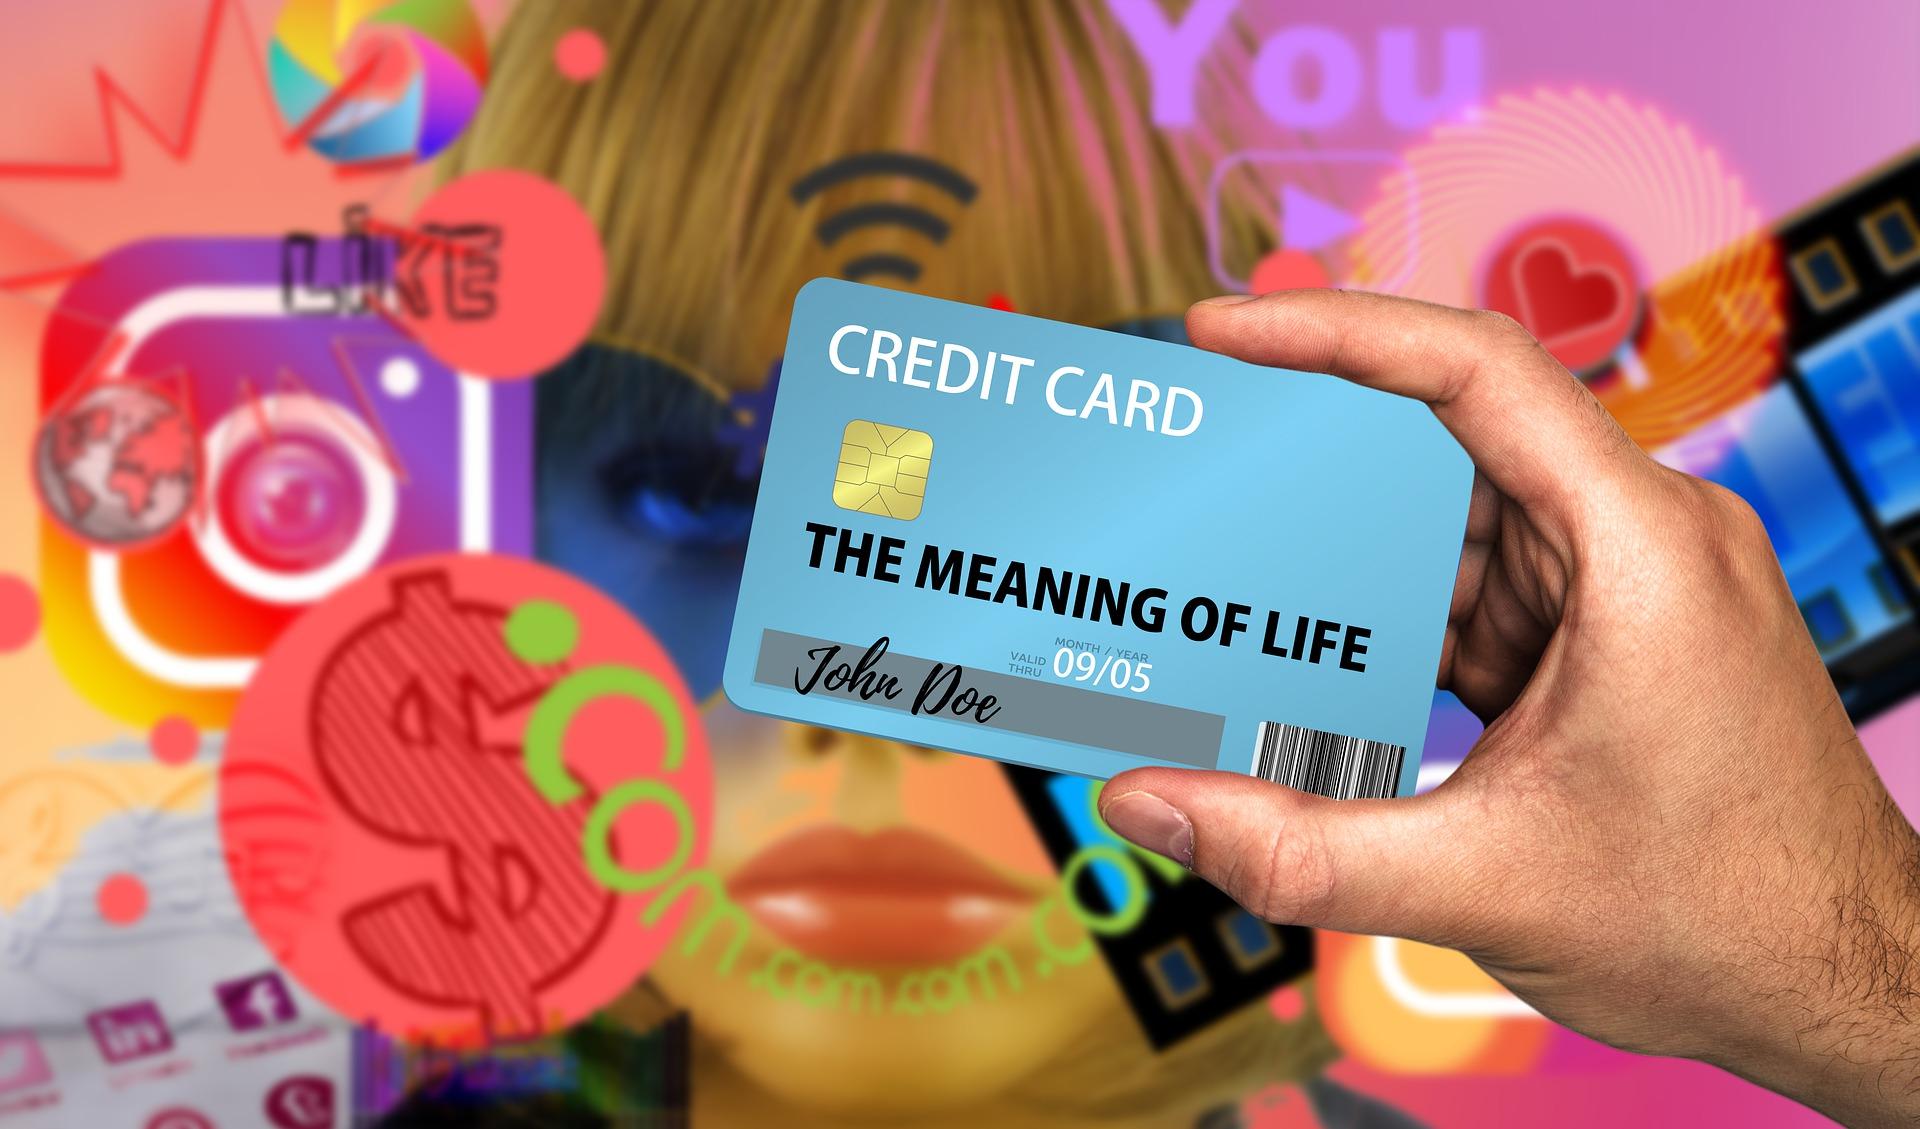 La Carte de Crédit Cdiscount Gold - Apprenez Ses Caractéristiques et Comment Souscrire